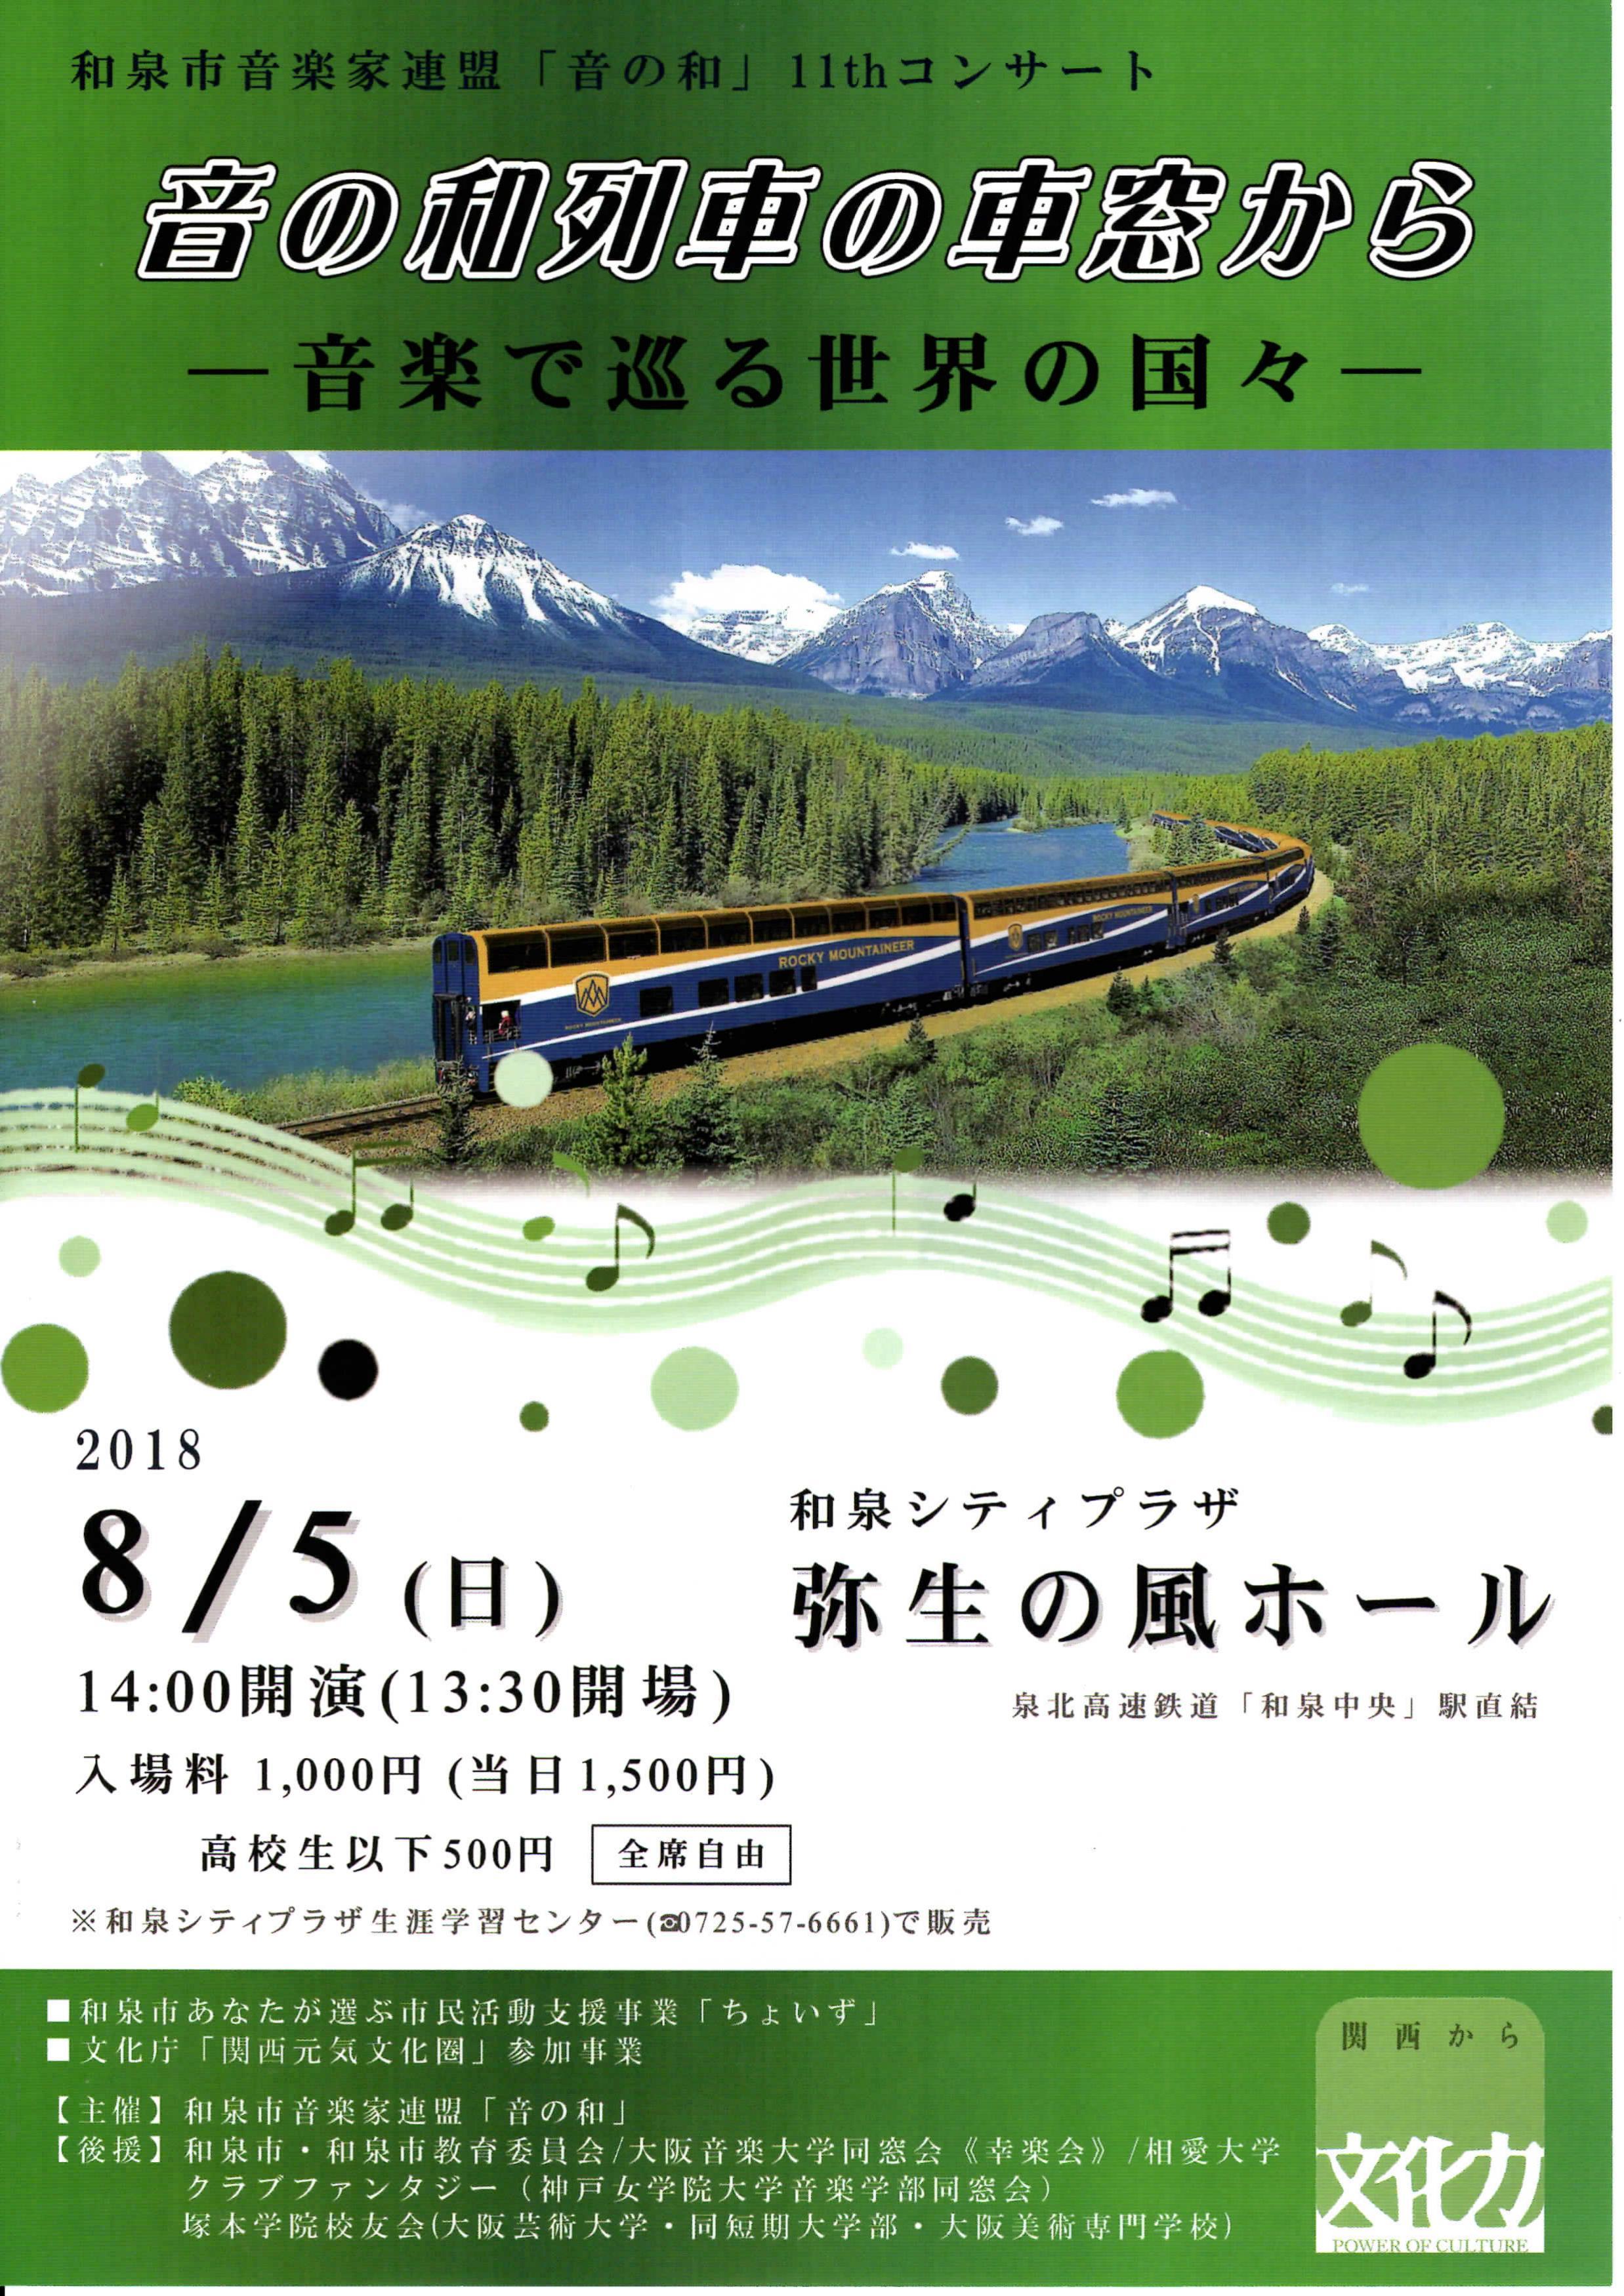 【音の和列車の車窓から  -音楽で巡る世界の国々-】和泉市音楽家連盟「音の和」11thコンサート 2018年8月5日(日)開催♪